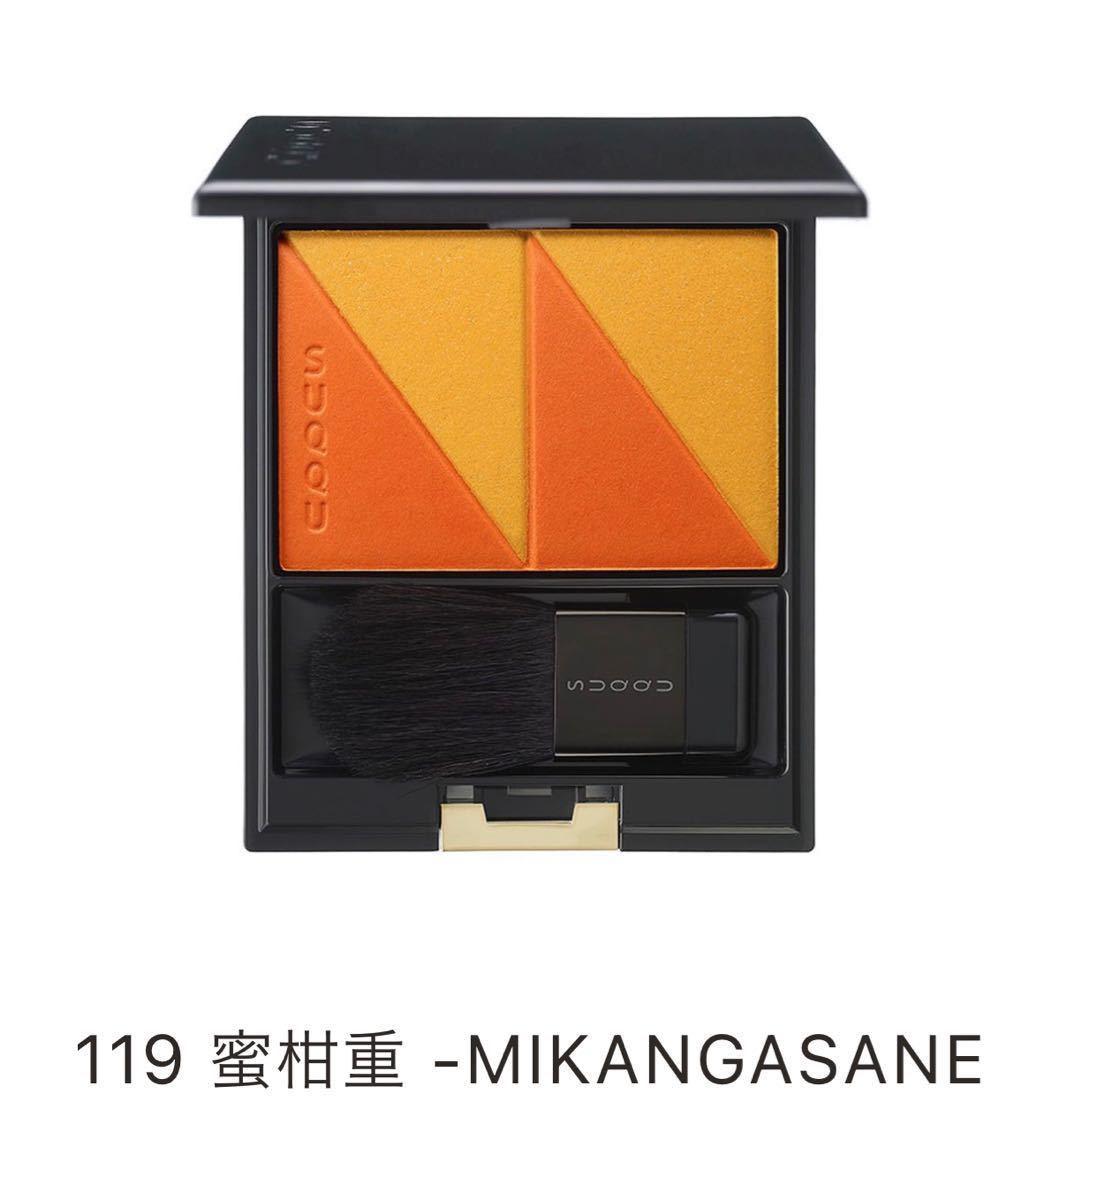 スック ピュアカラーブラッシュ119 蜜柑重 -MIKANGASANE